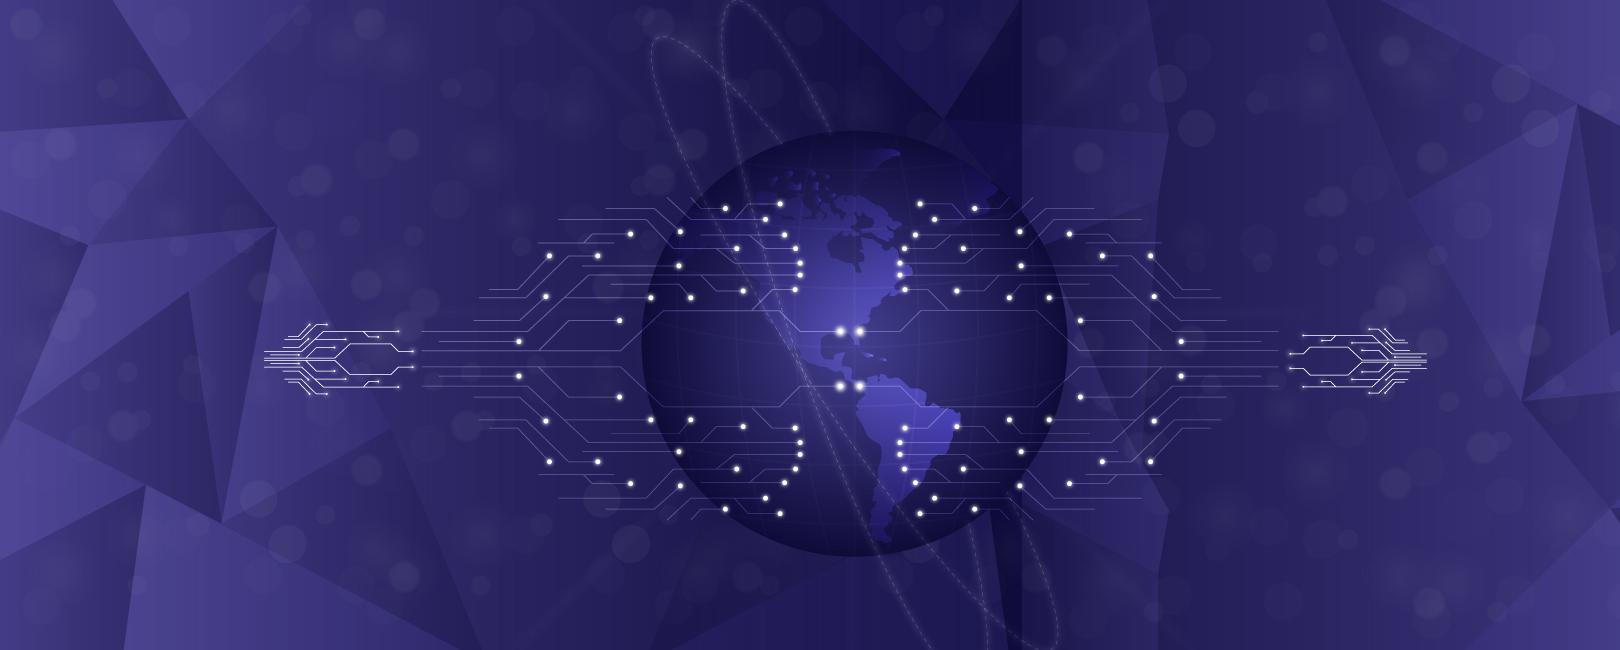 Mapa tecnológico, un aliado para la estrategia e inversión empresarial